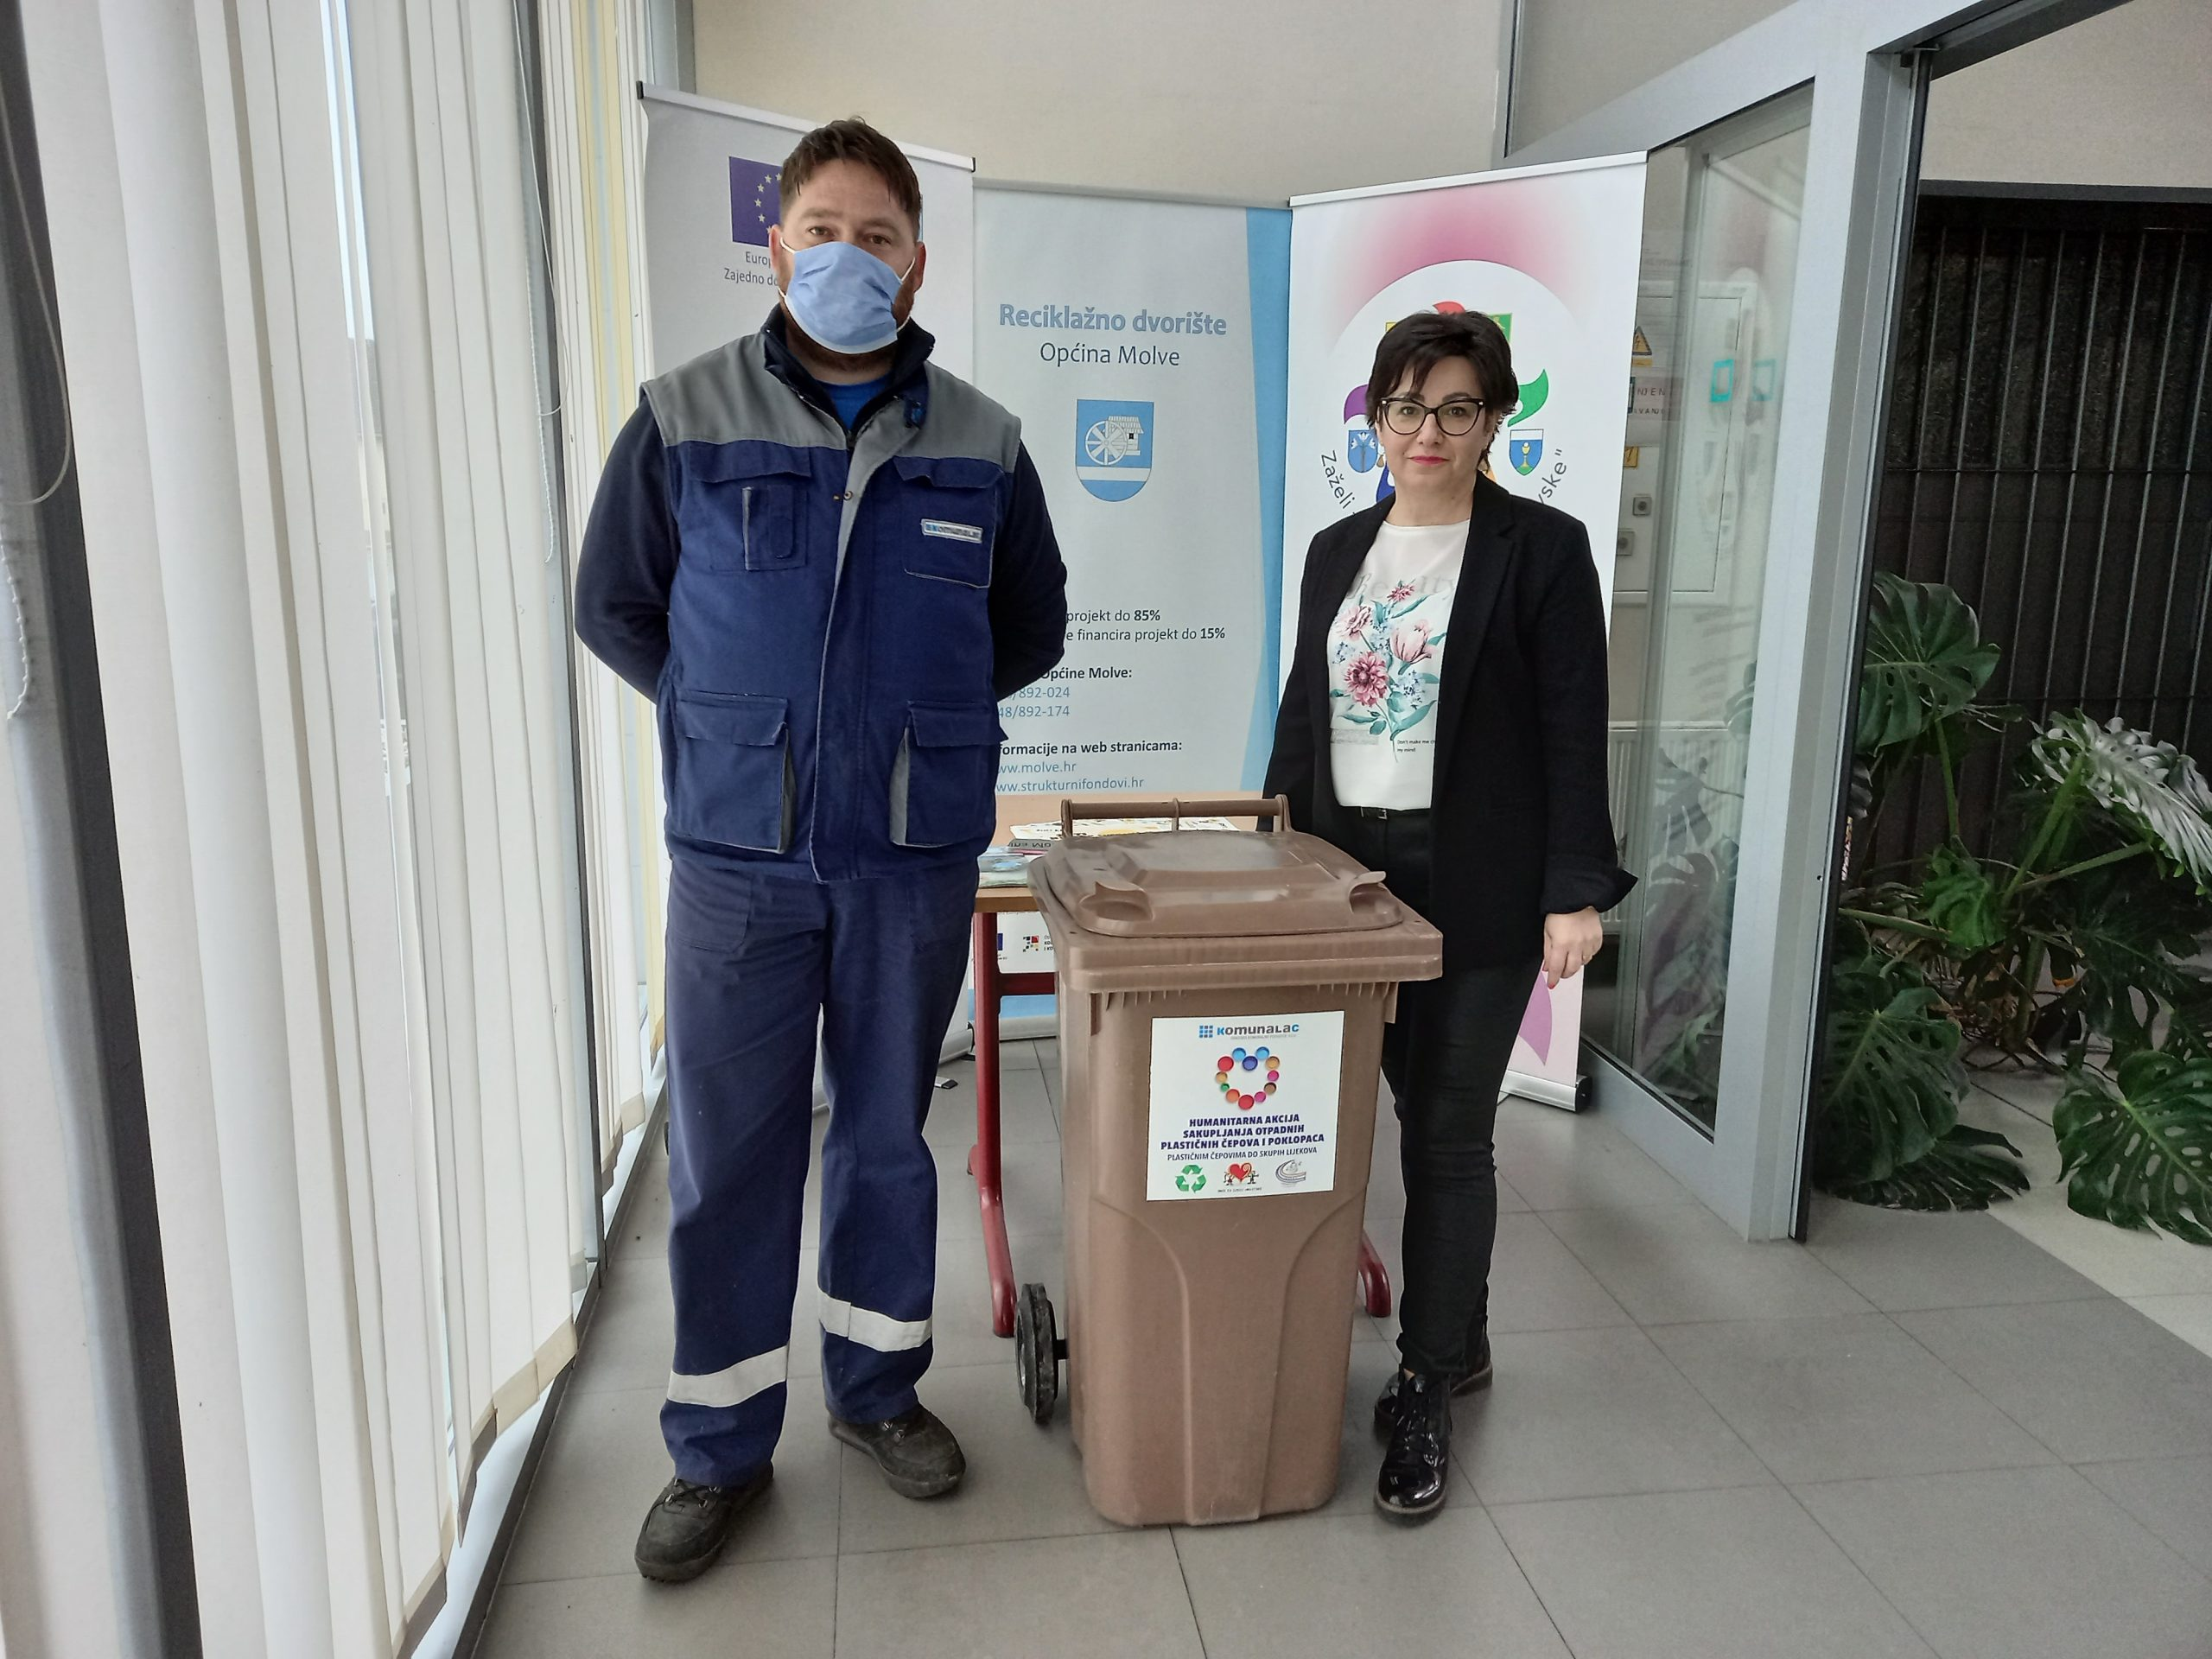 Sedam općina dobilo spremnik za prikupljanje plastičnih čepova u humanitarne svrhe